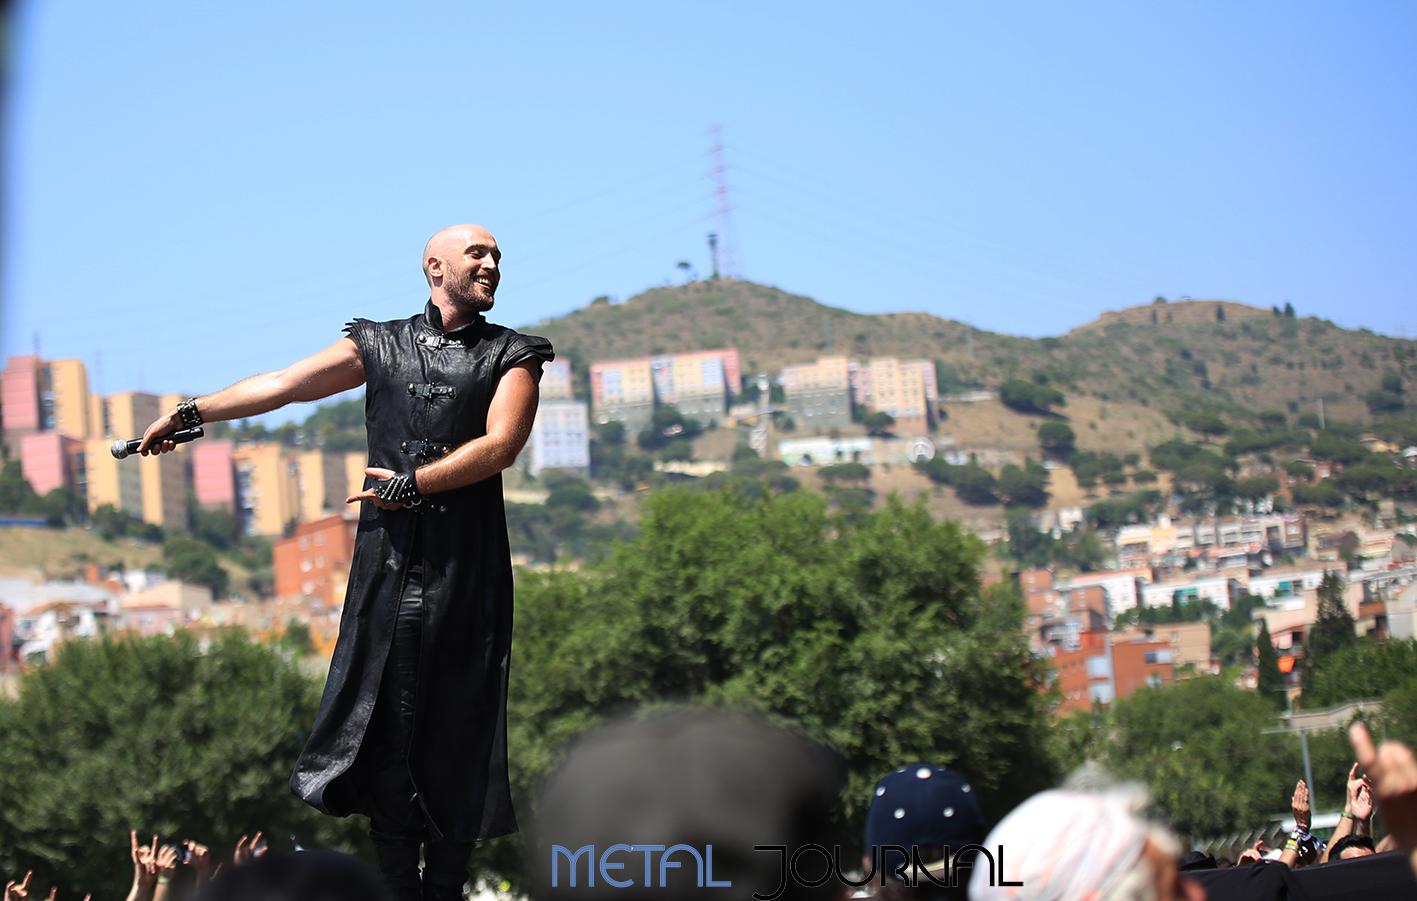 beast in black - metal journal rock fest barcelona 2019 pic 1